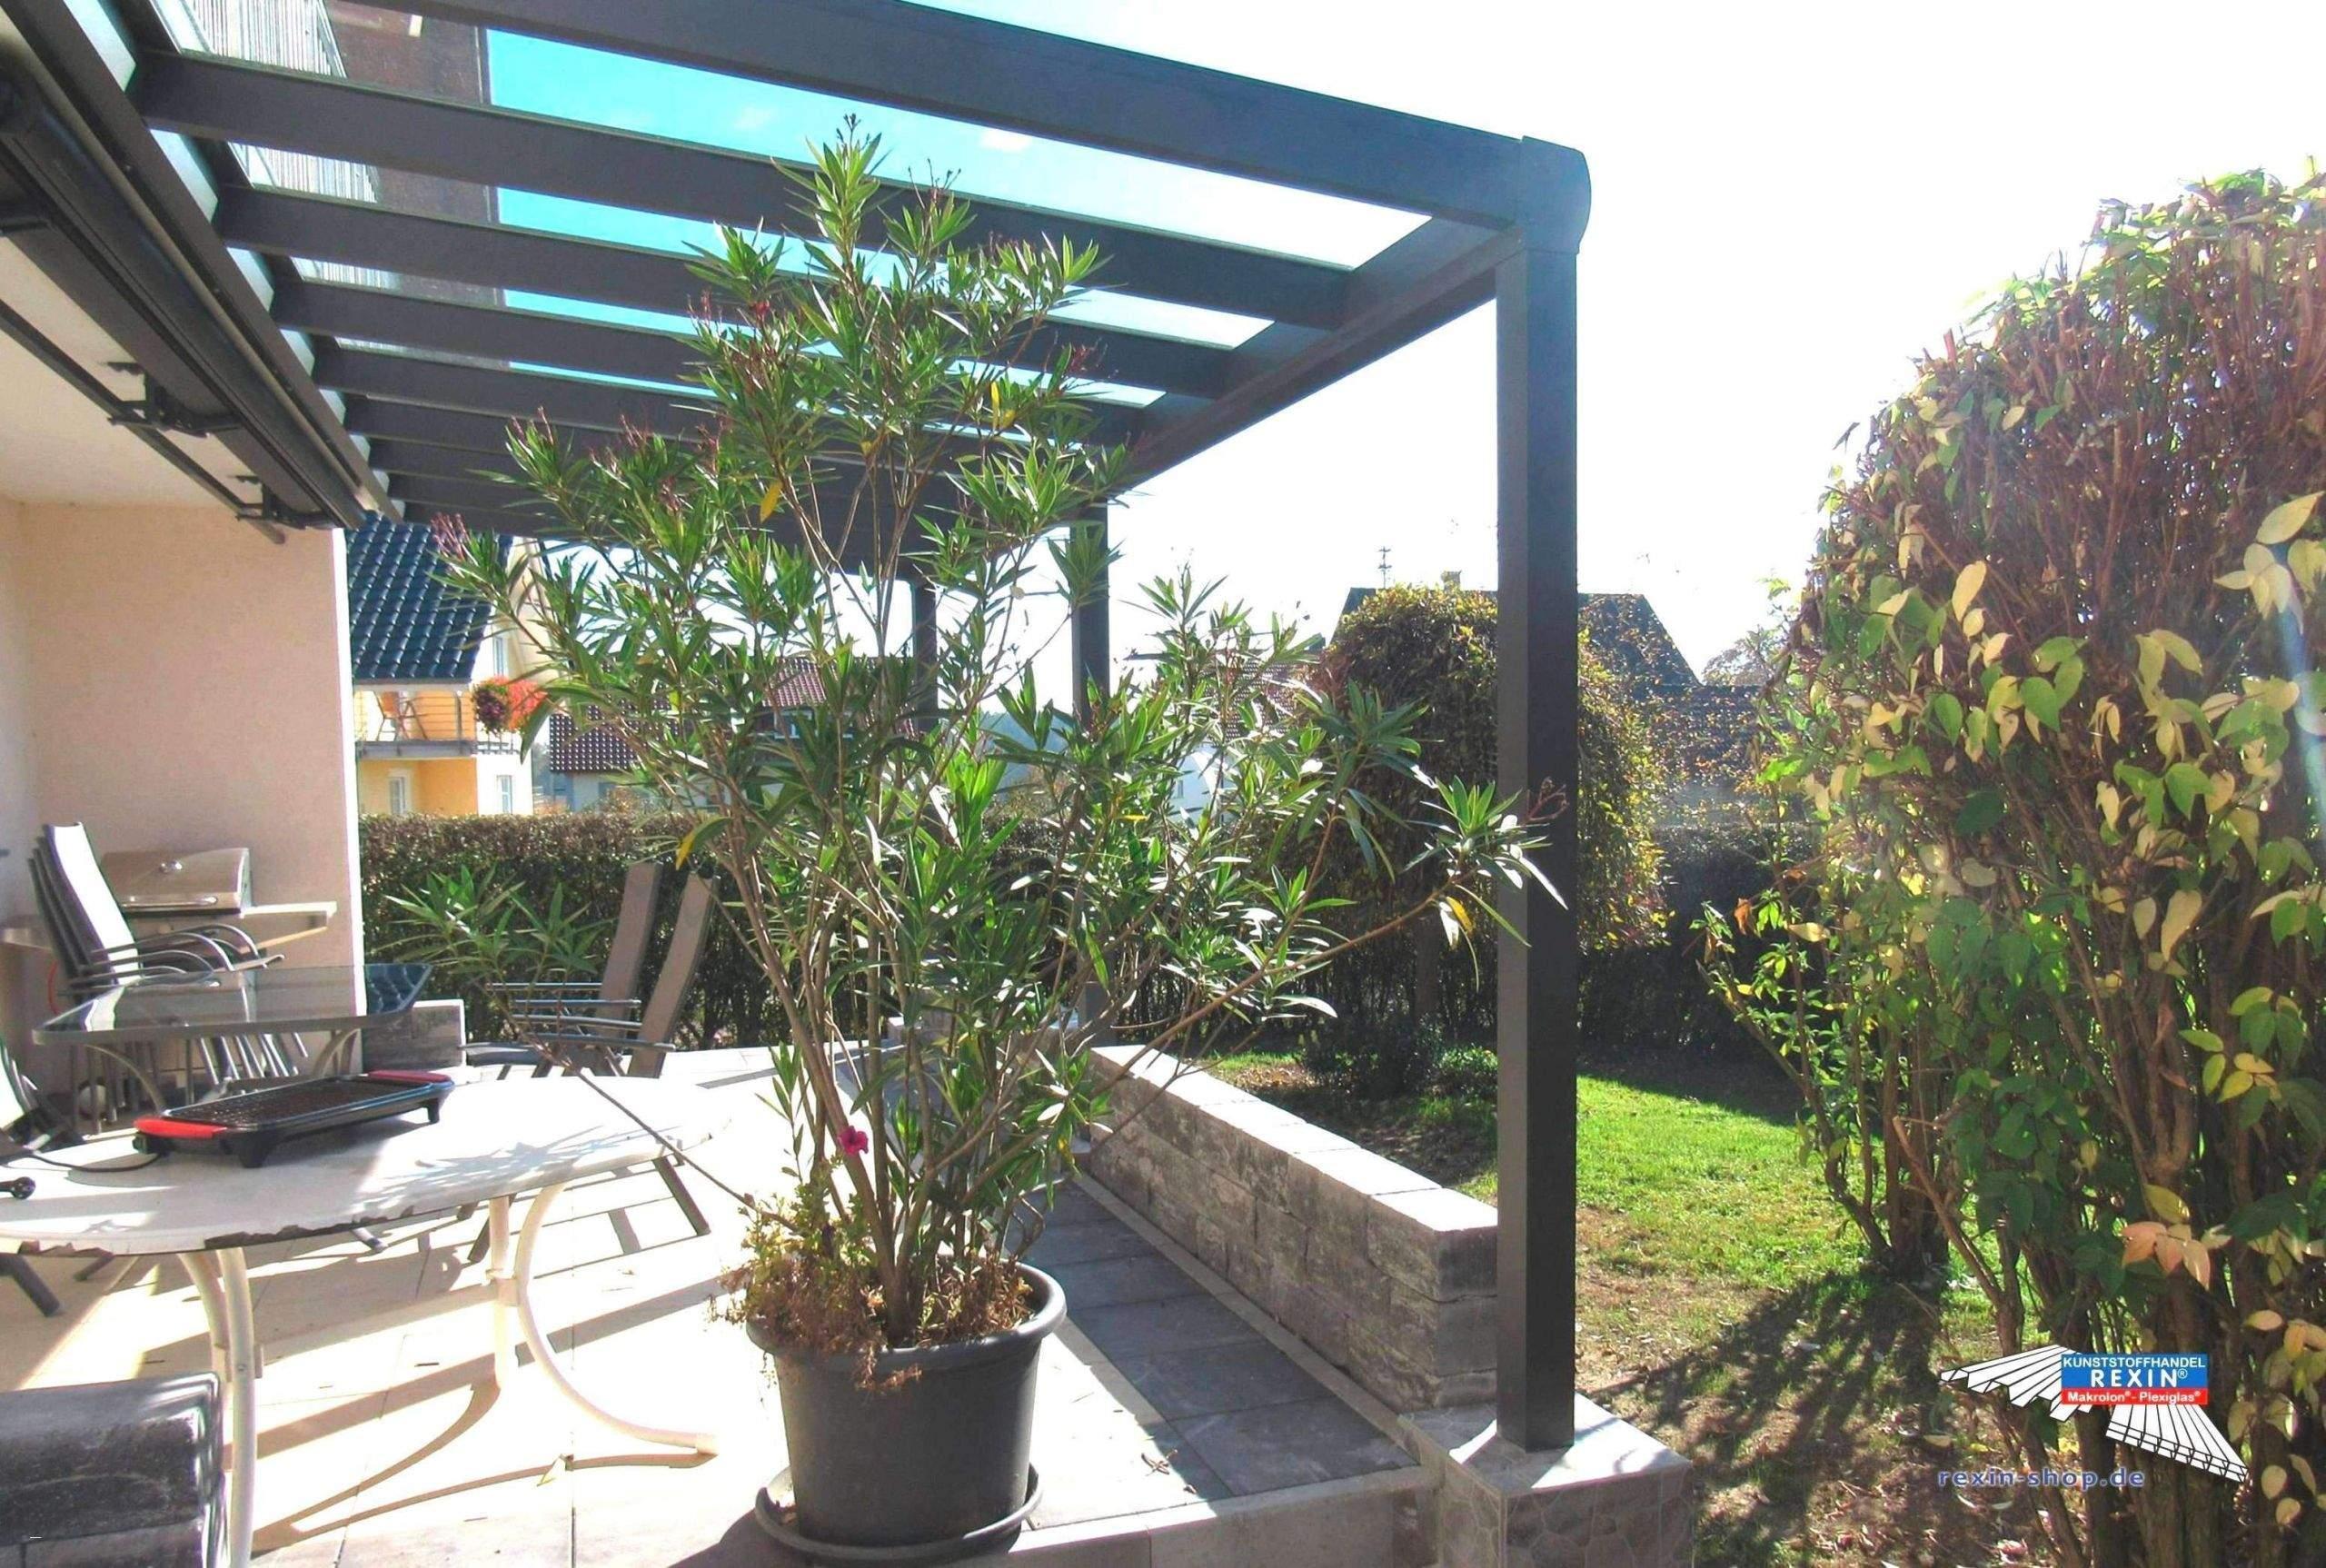 pflanzen wohnzimmer frisch schlafzimmer boxspringbett elegant pflanzen neu pflanzen of pflanzen wohnzimmer scaled